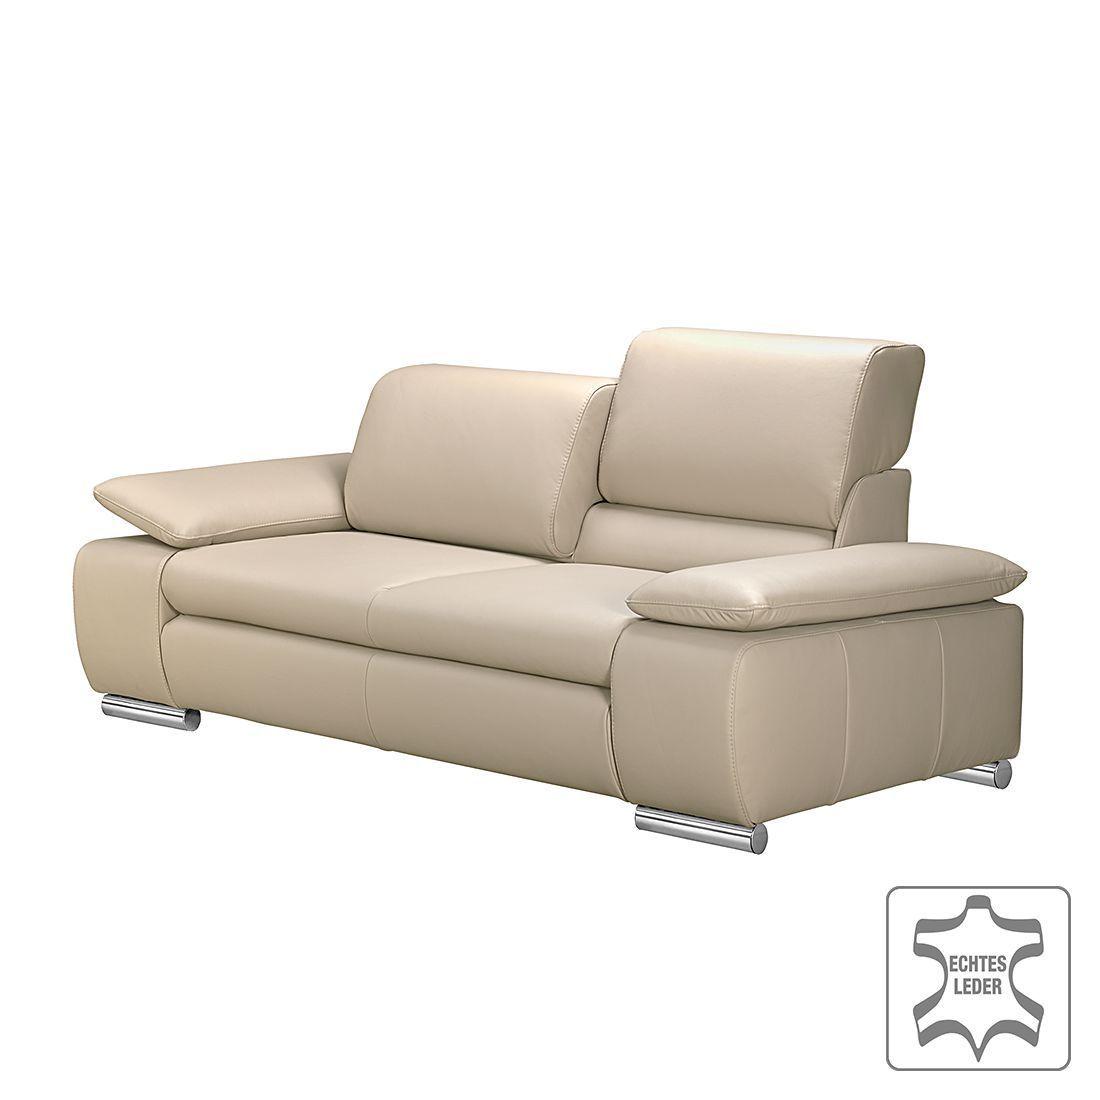 Fredriks Sofa Masca 3 Sitzer Beige Echtleder 232x78x96 Cm In 2020 Kissen Sofa Sofa 3 Sitzer Sofa